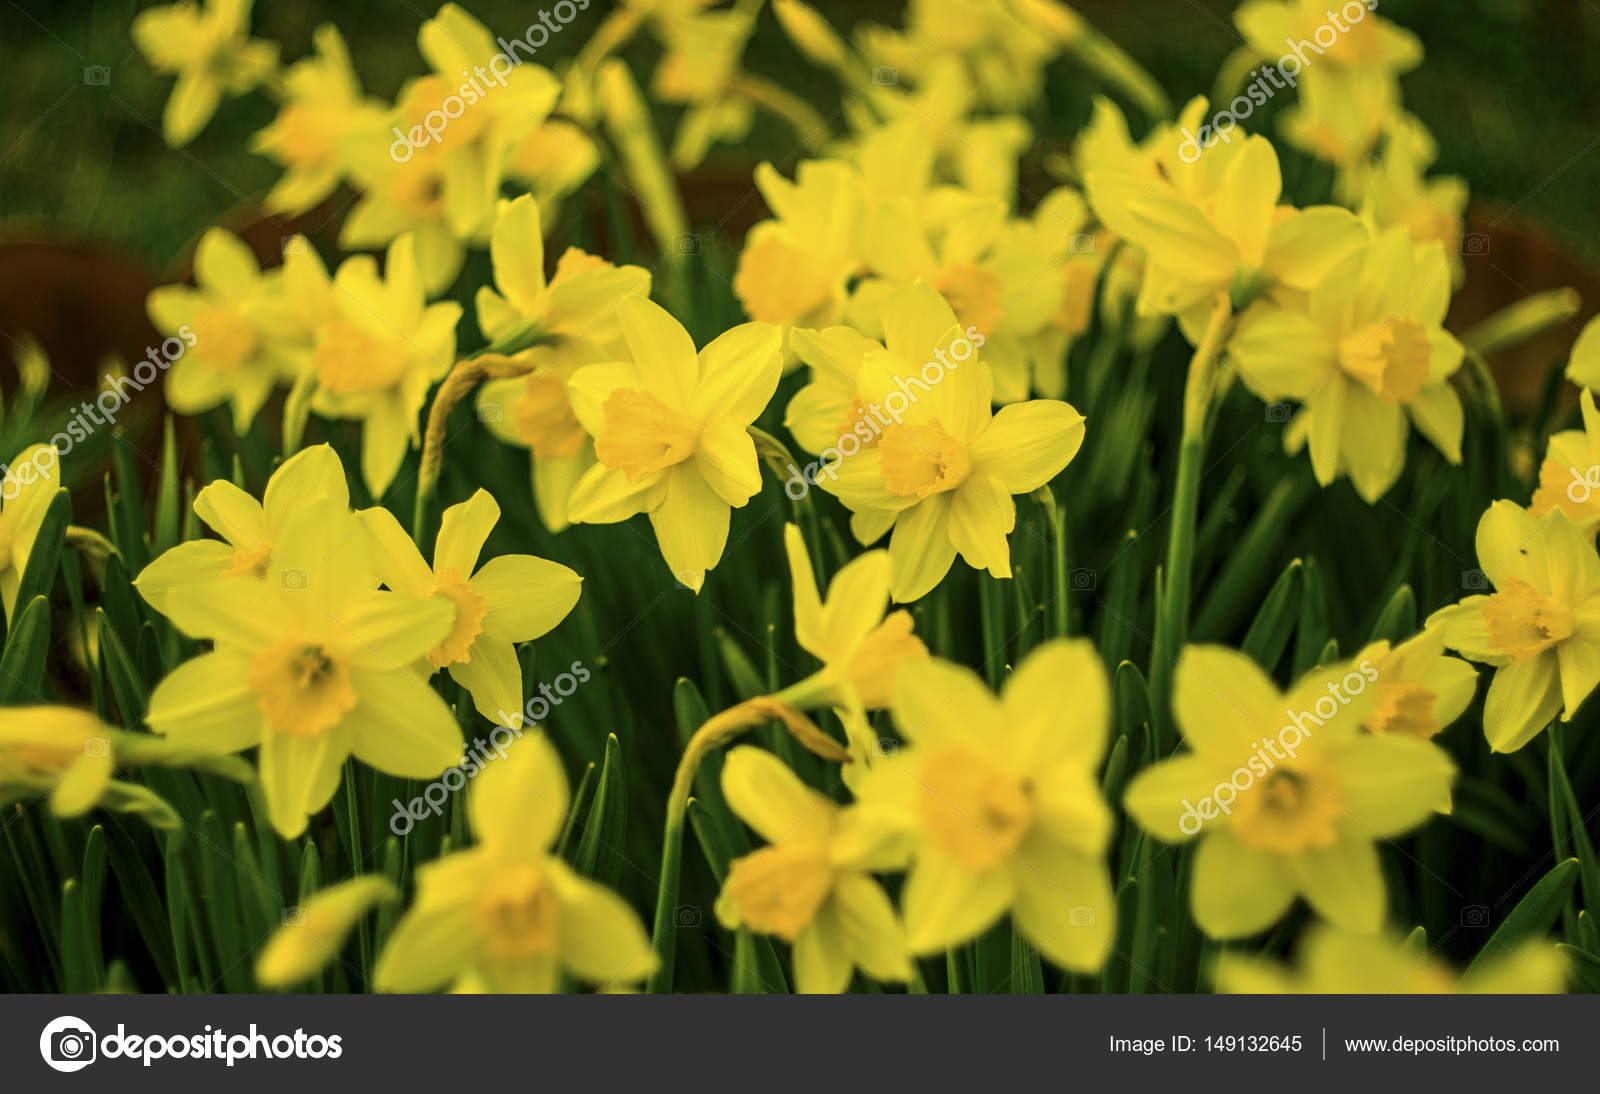 jonquilles fleurs de jonquilles fleur jonquille jaune dans la f photo - Fleur Jonquille